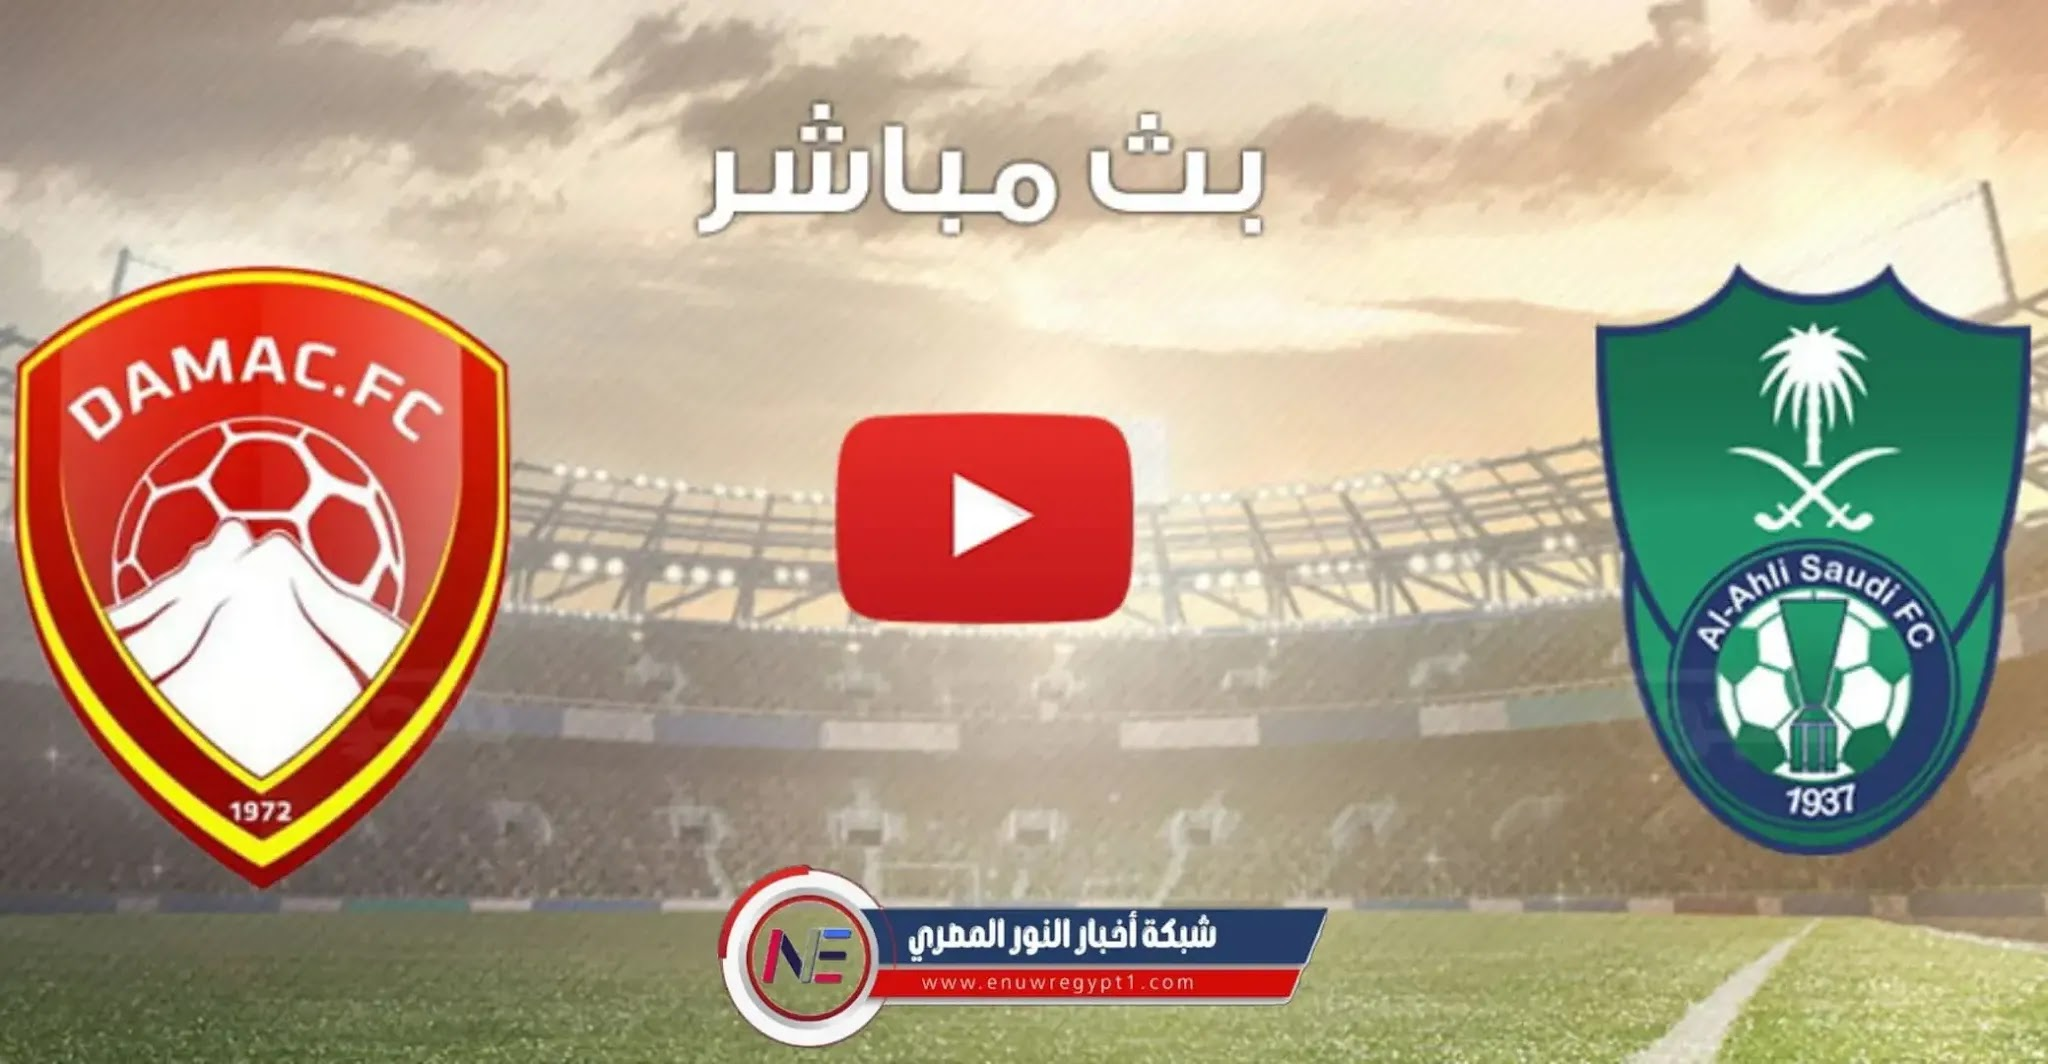 نتيجة مباراة الاهلي و ضمك اليوم 25-08-2021 في الدورى السعودي شاهد اهداف وملخص المباراة